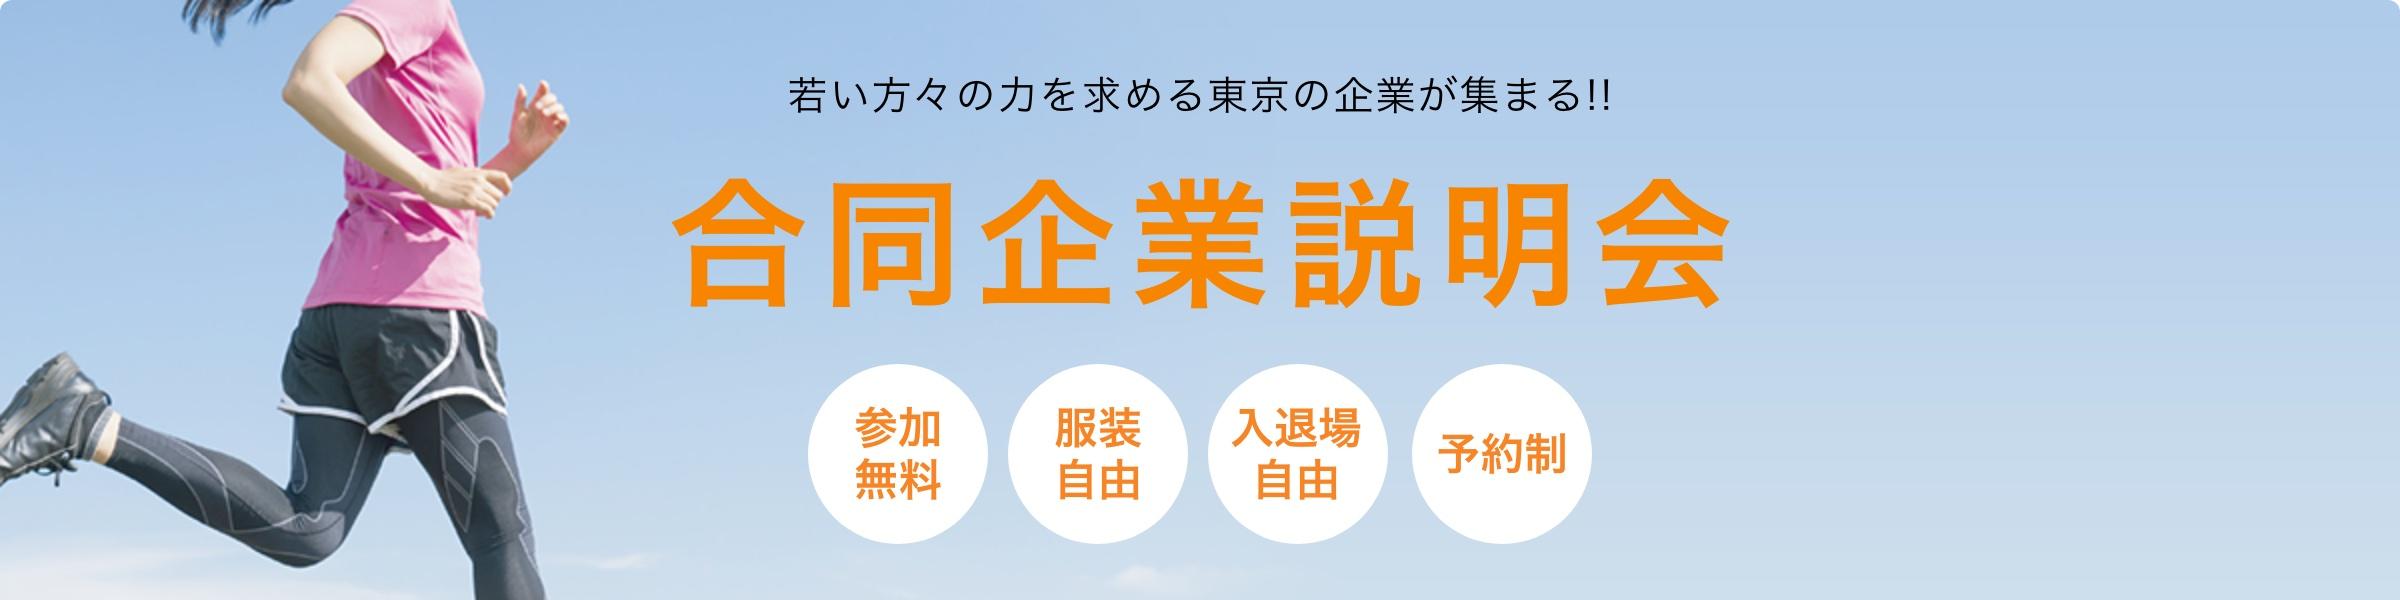 若い方々の力を求める東京の企業が集まる!! 合同企業説明会 参加無料/服装自由/入退場自由/予約制